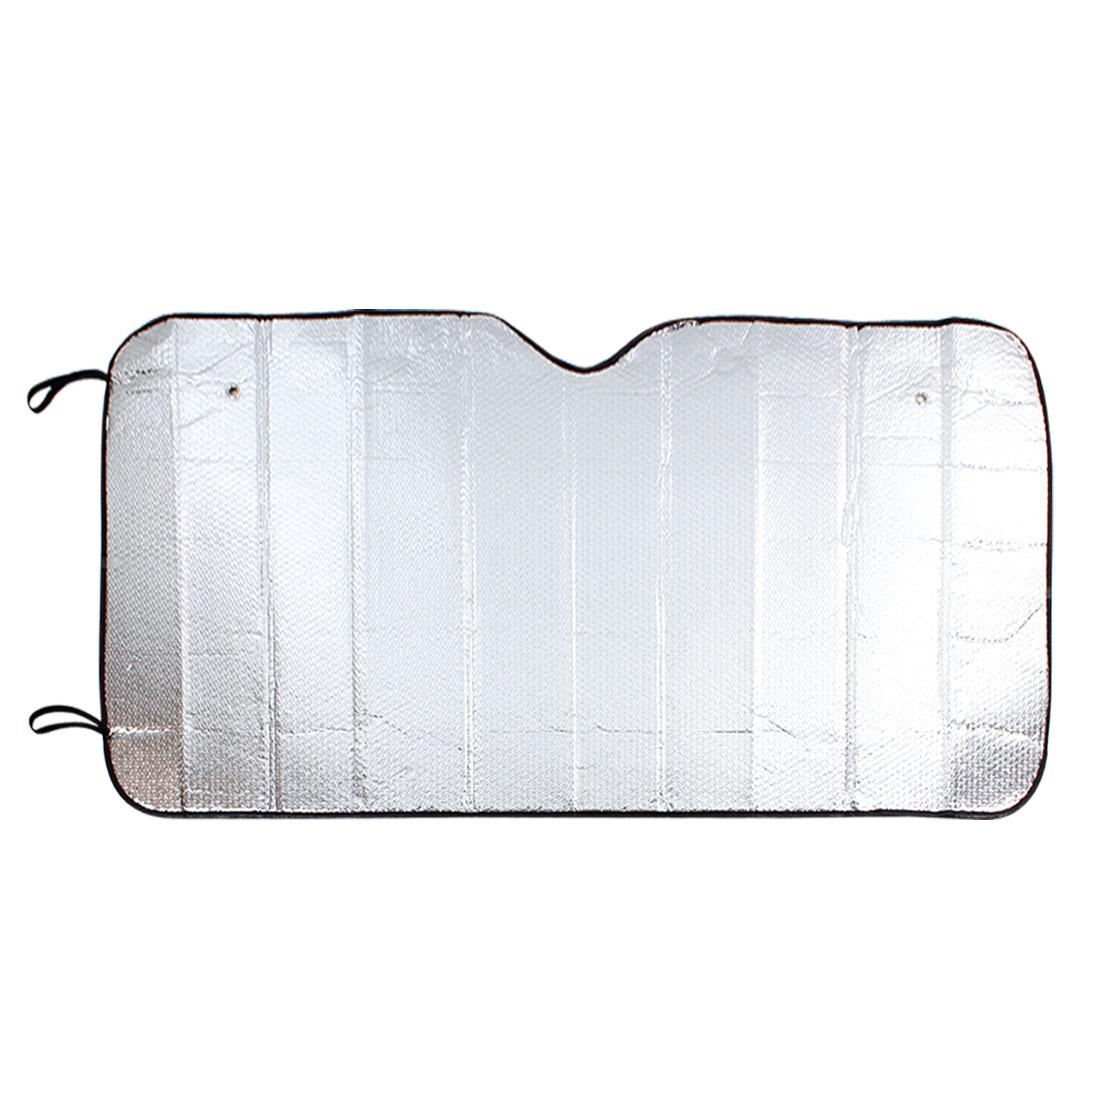 Black Brim Aluminium Foil Exterior Auto Car Front Window Sunshade 130cm x 70cm